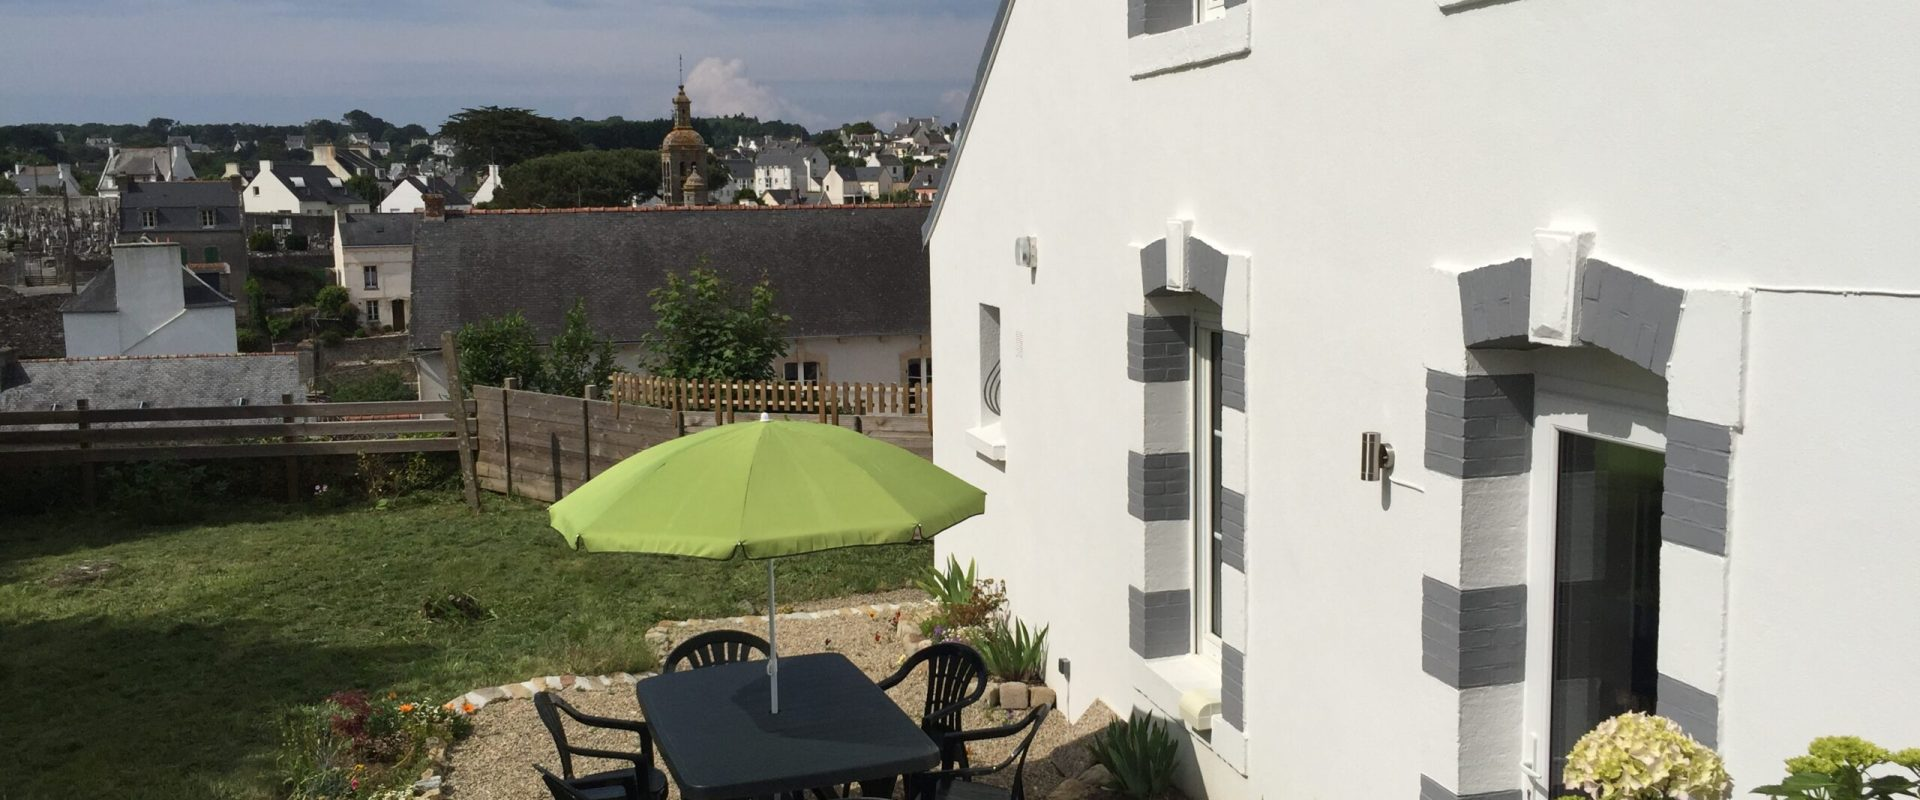 Terrasse mit Garten